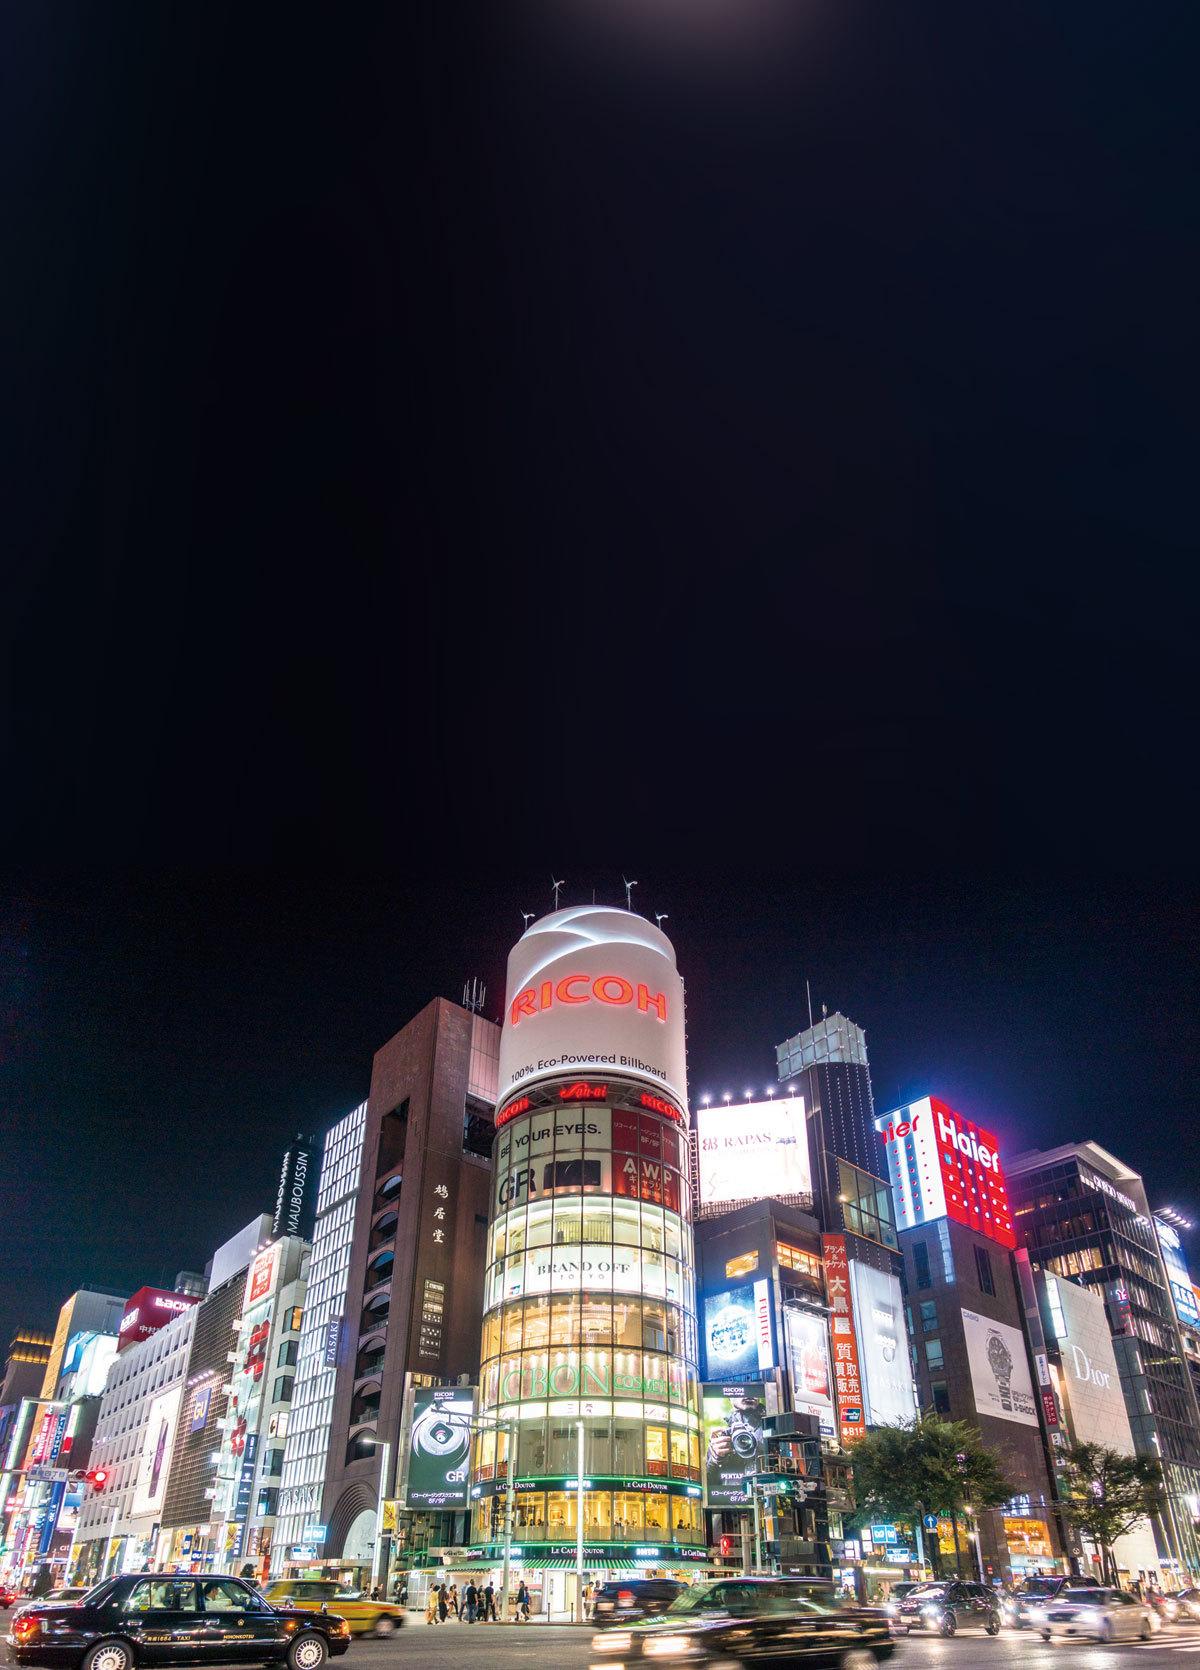 銀座:奢華商區 世界聞名